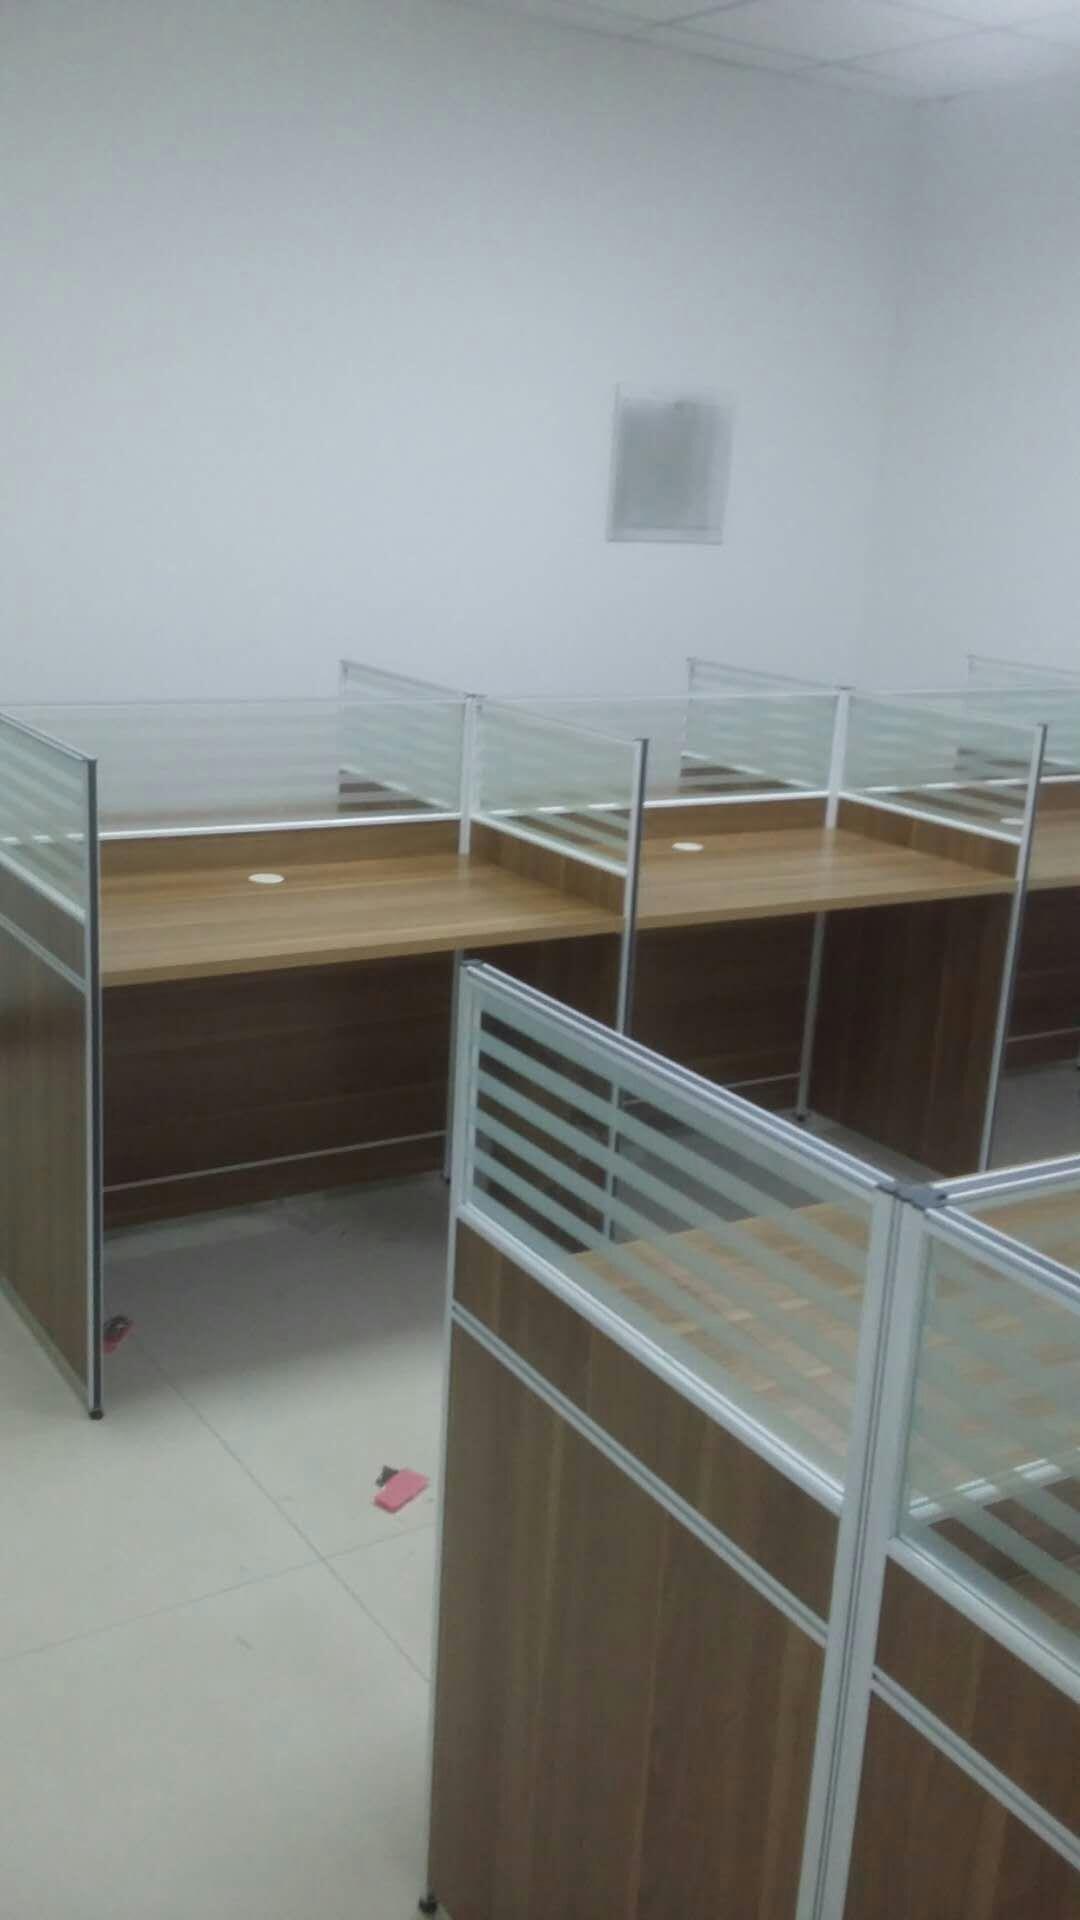 郑州市大学路华城国际屏风办公桌安装销售|新闻-郑州美冠家具有限公司